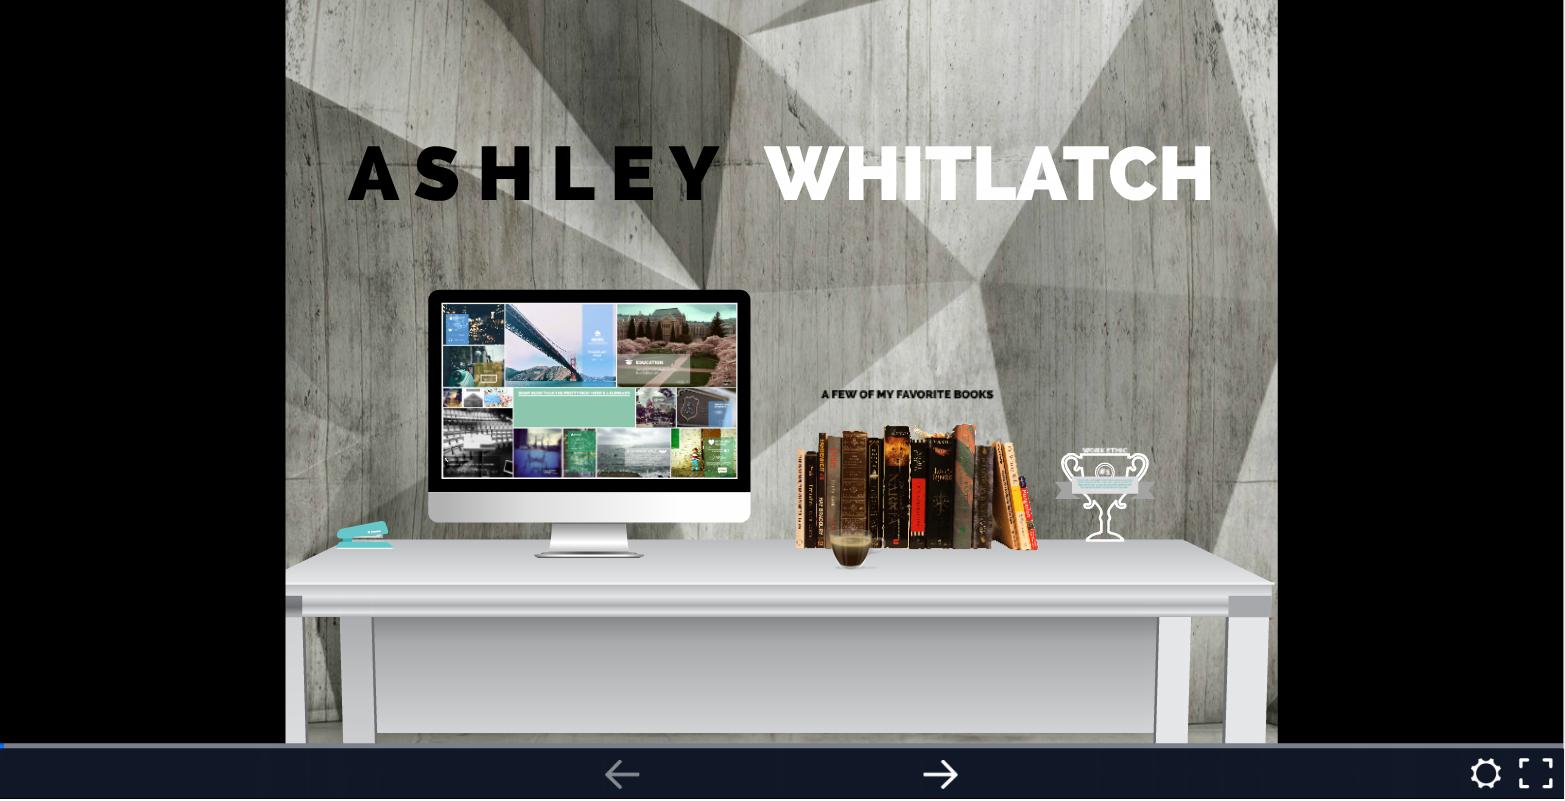 ashley-whitlatch-prezume-resume